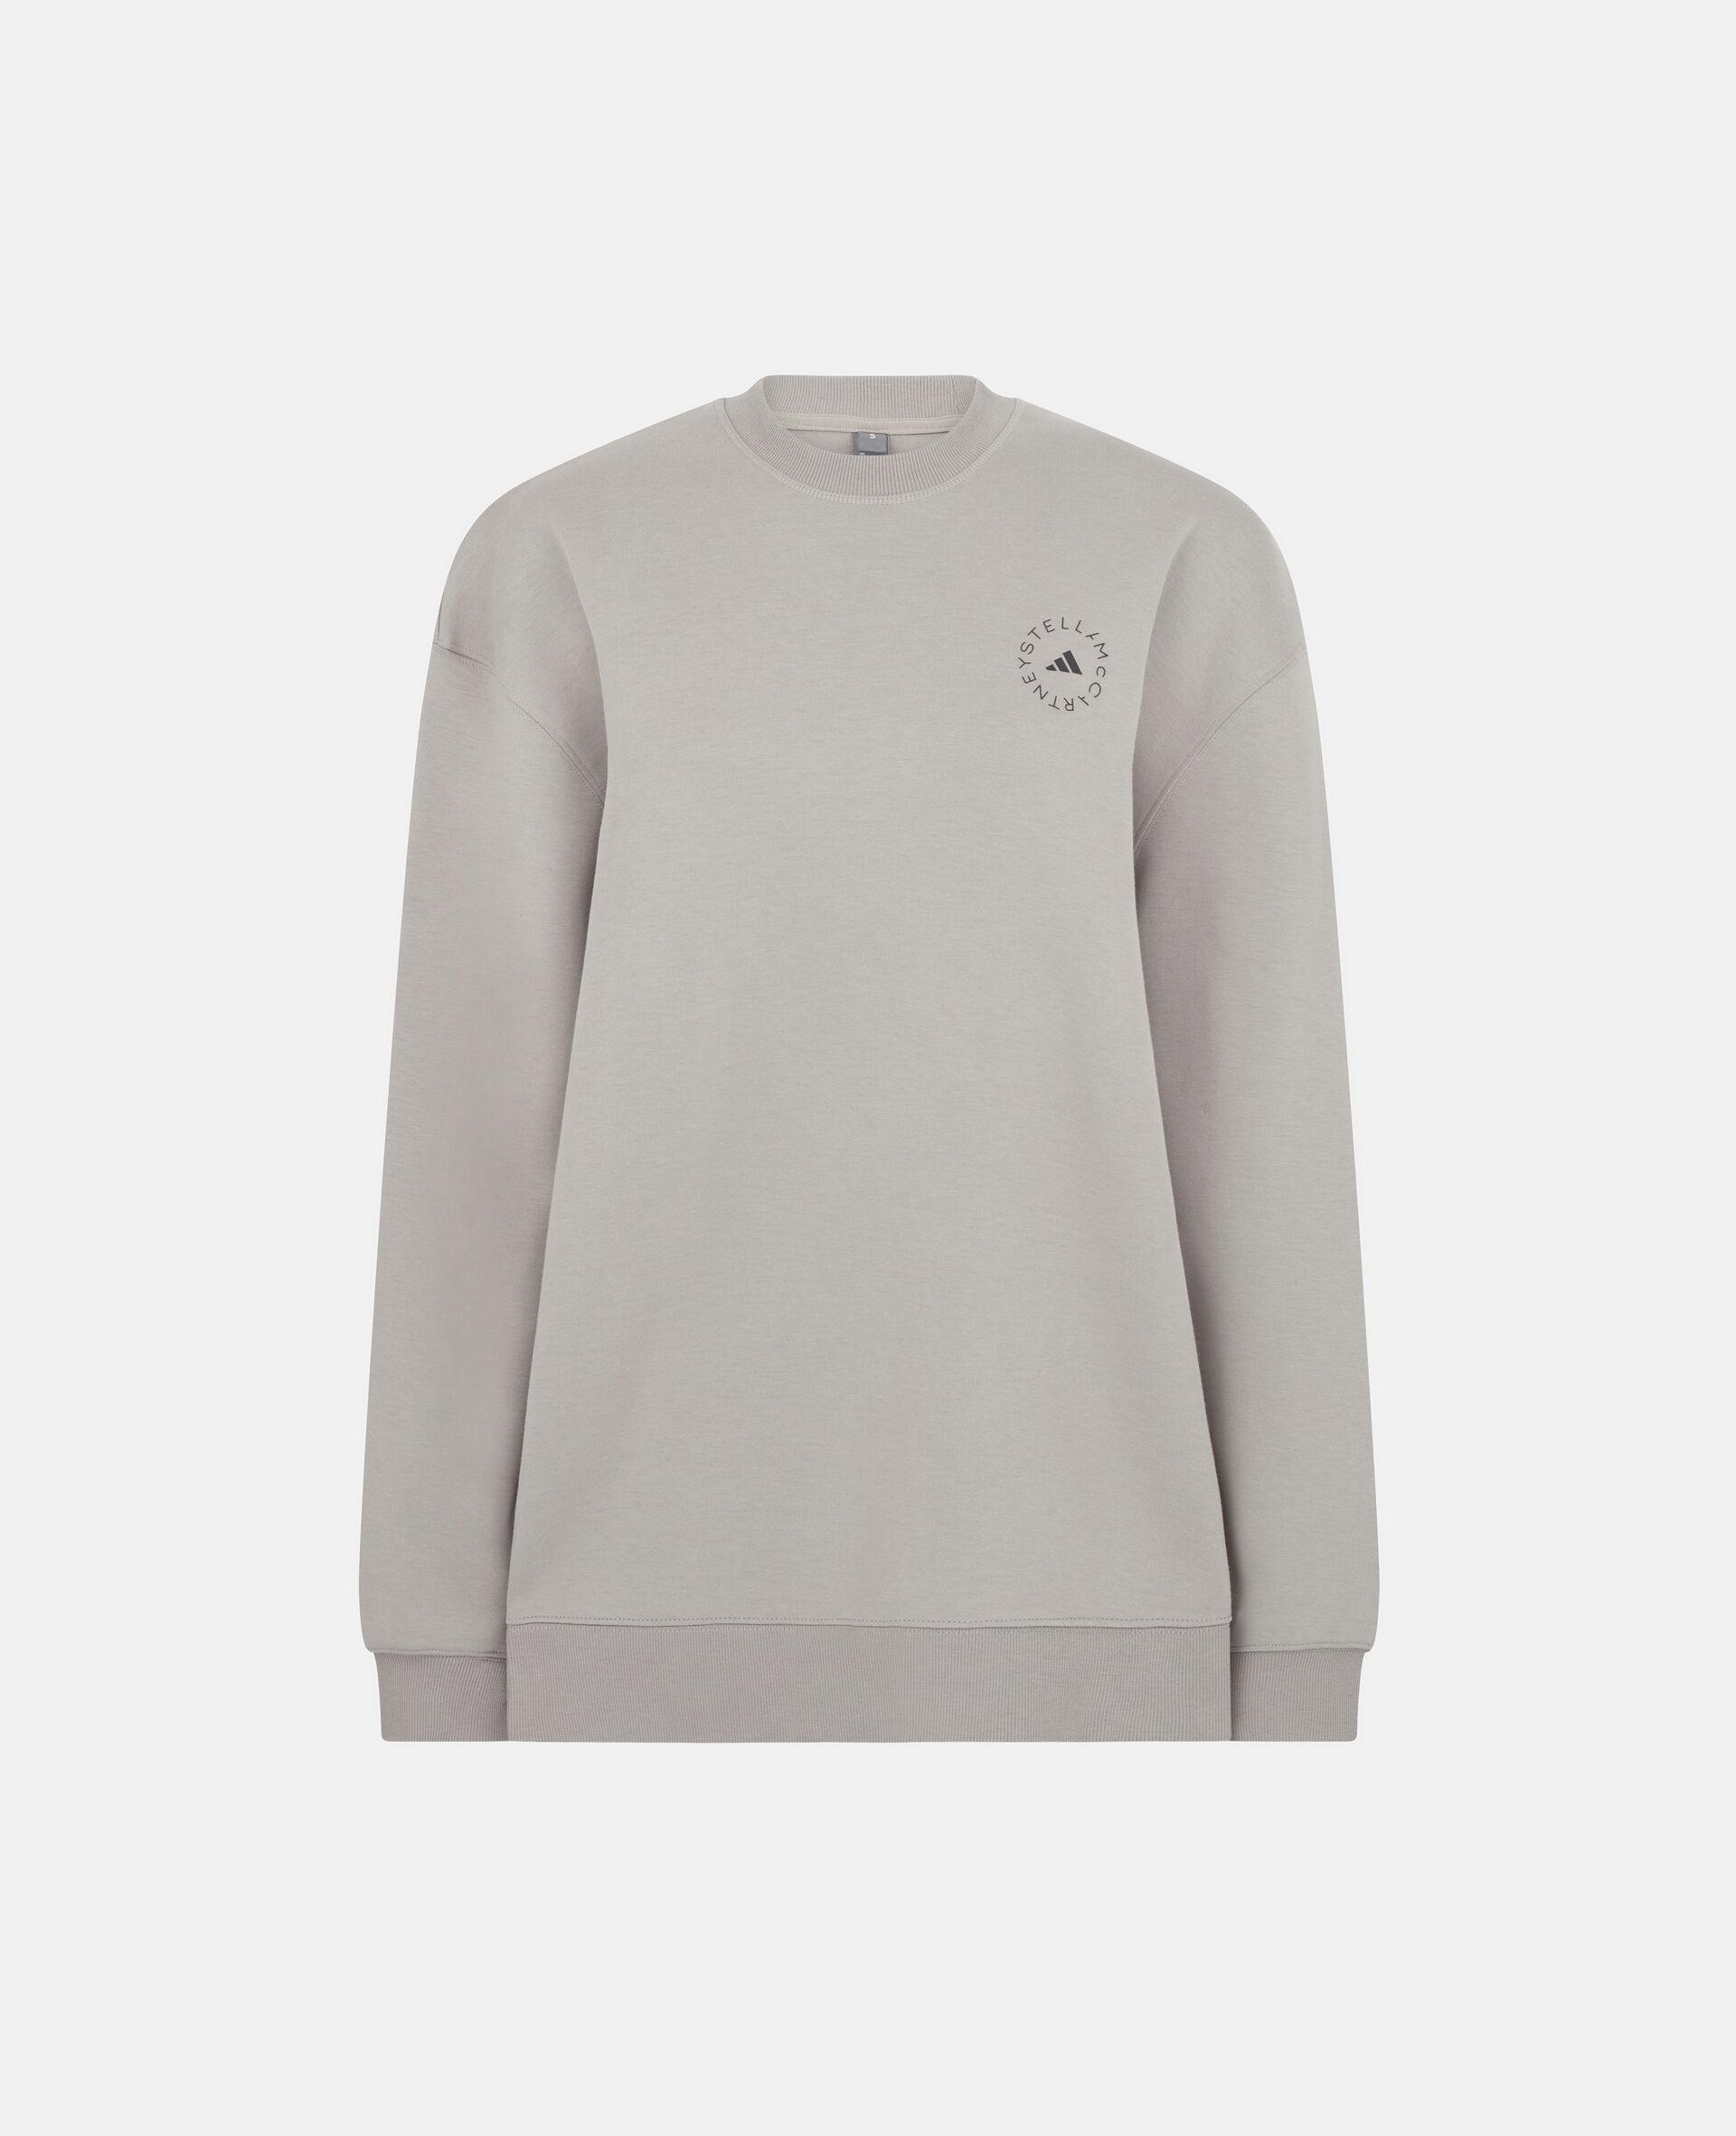 Graues Trainings-Sweatshirt-Grau-large image number 0